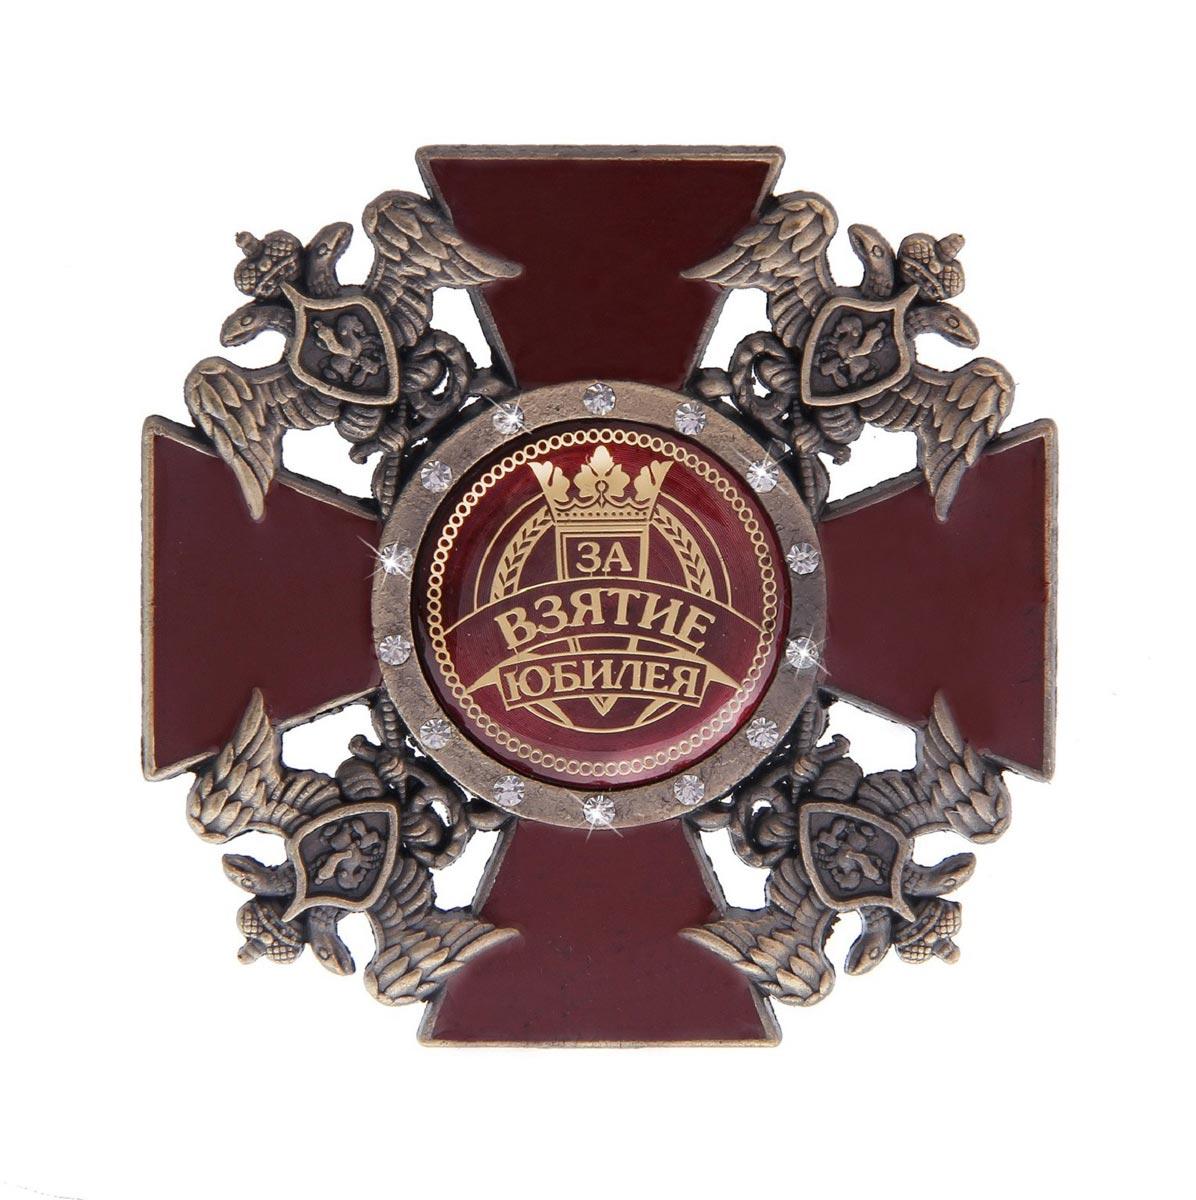 Необычная медаль в подарок. Фото с сайта www.telegraf-spb.ru 1